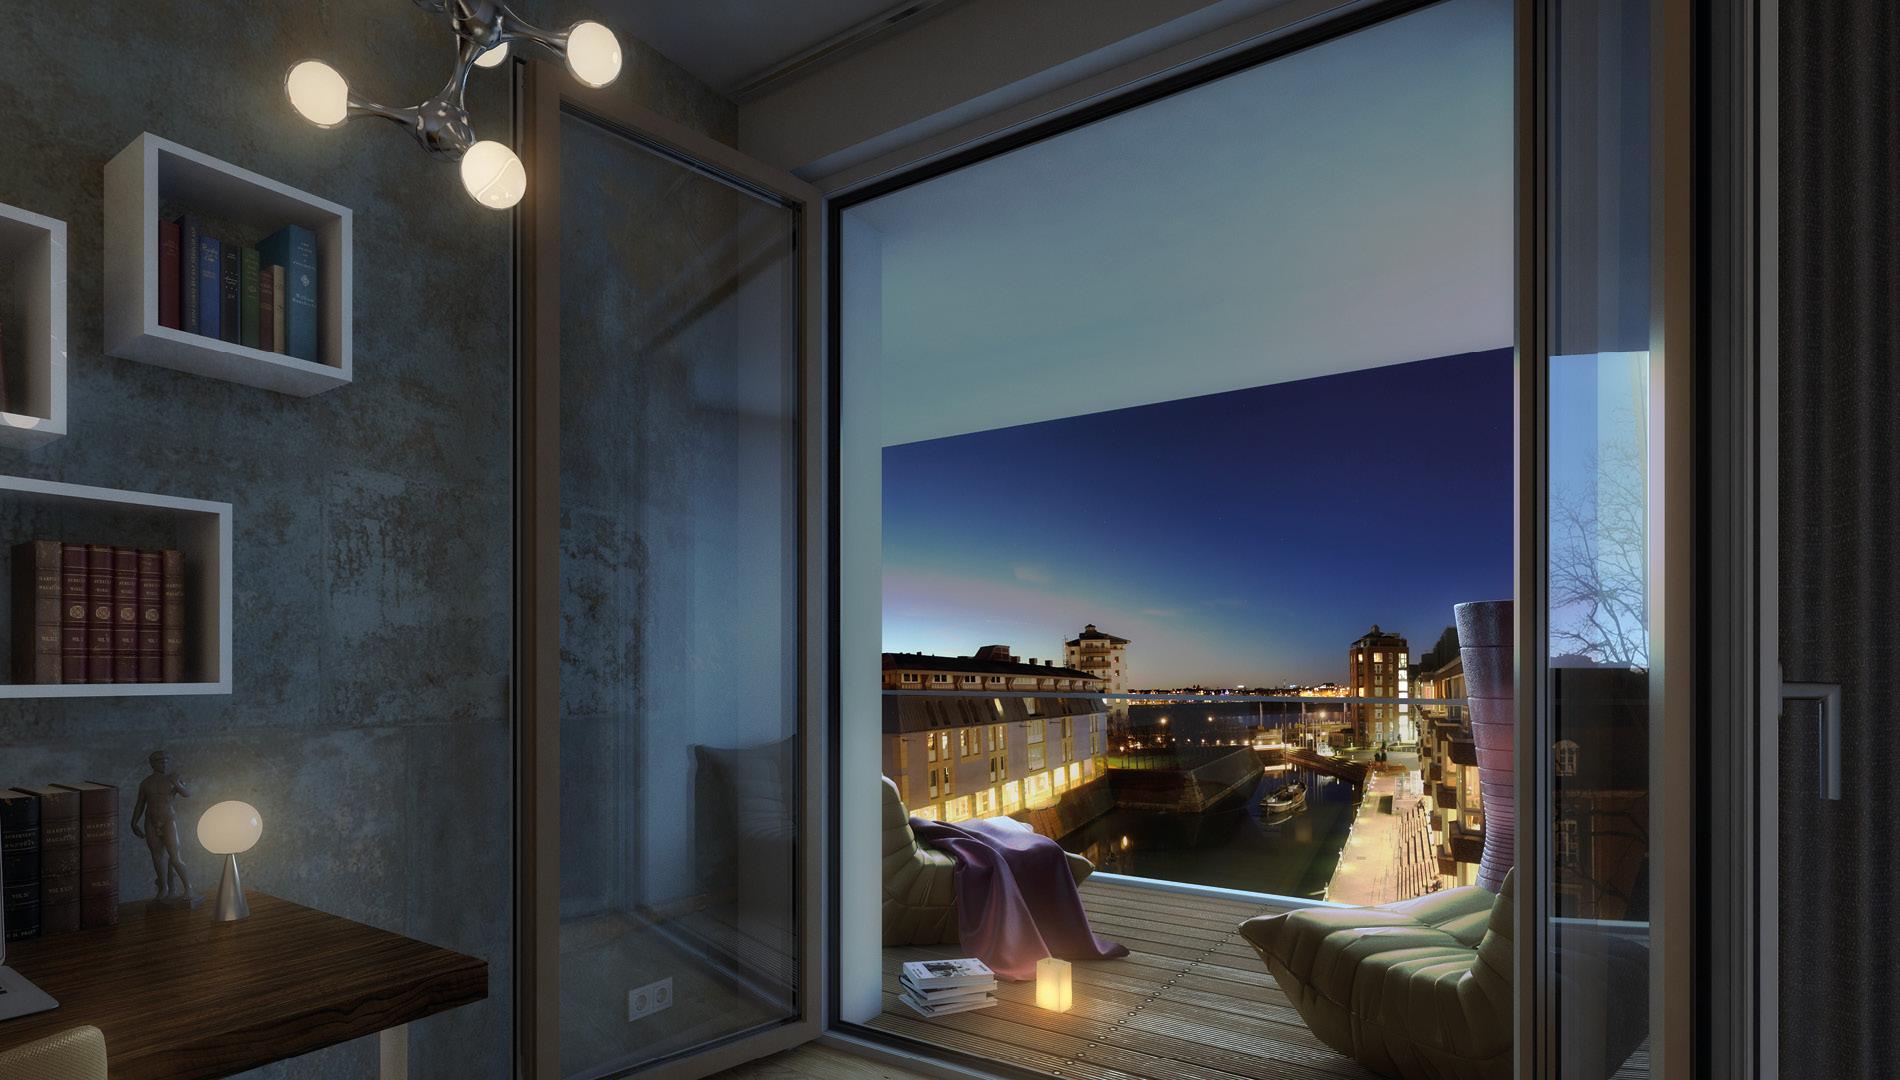 Ausblick Rendering für das Vermarktungskonzept der Wohnimmobilie Carlstadtufer in Düsseldorf